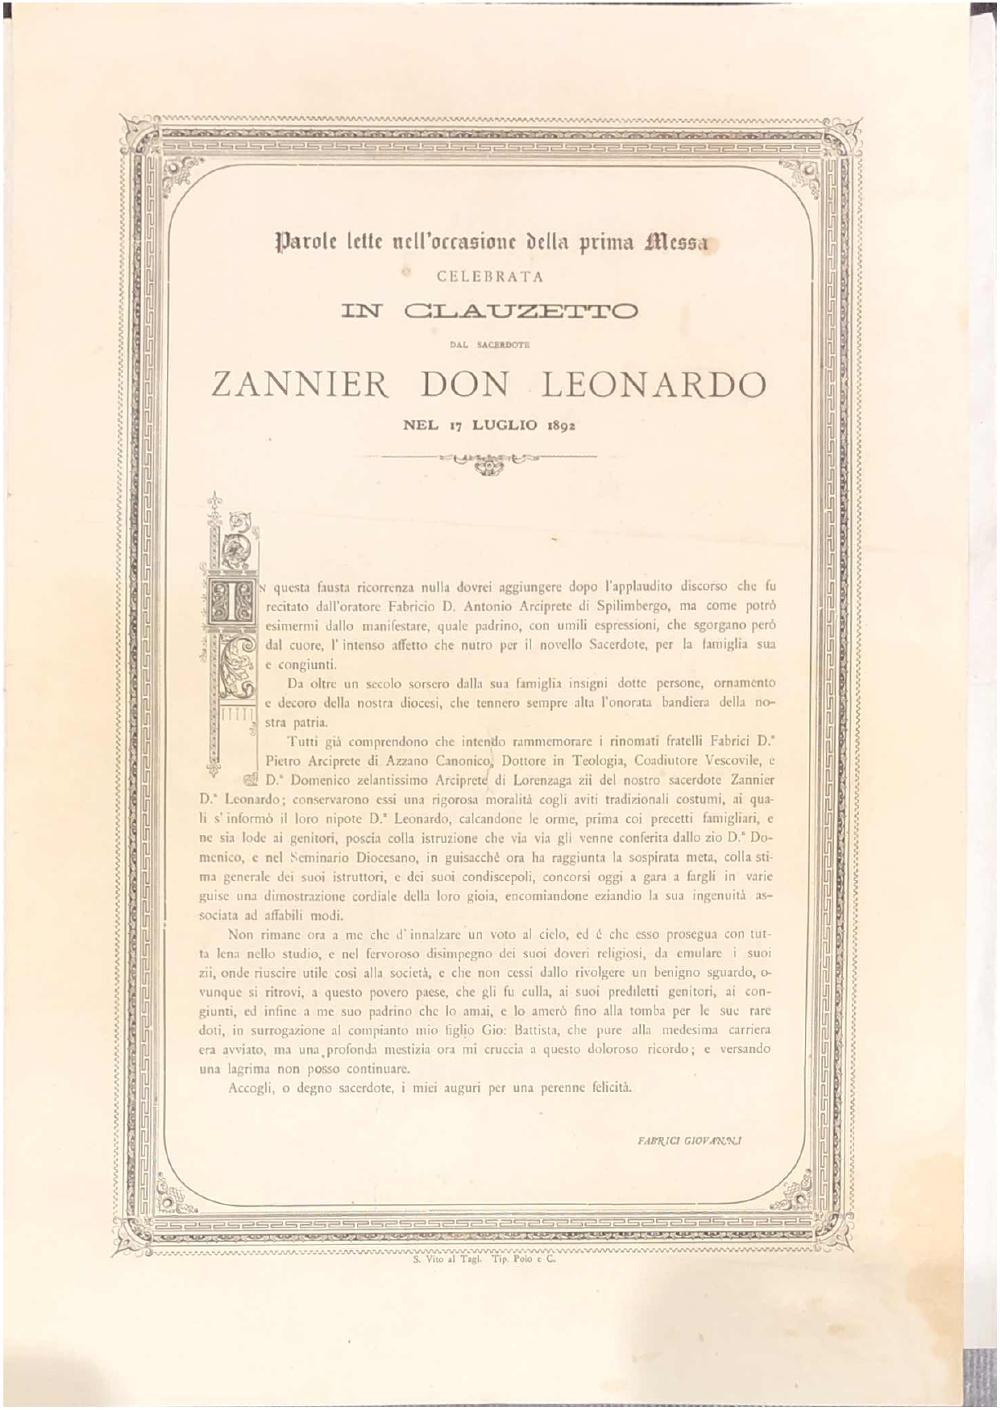 A Leonardo Zannier per la prima messa